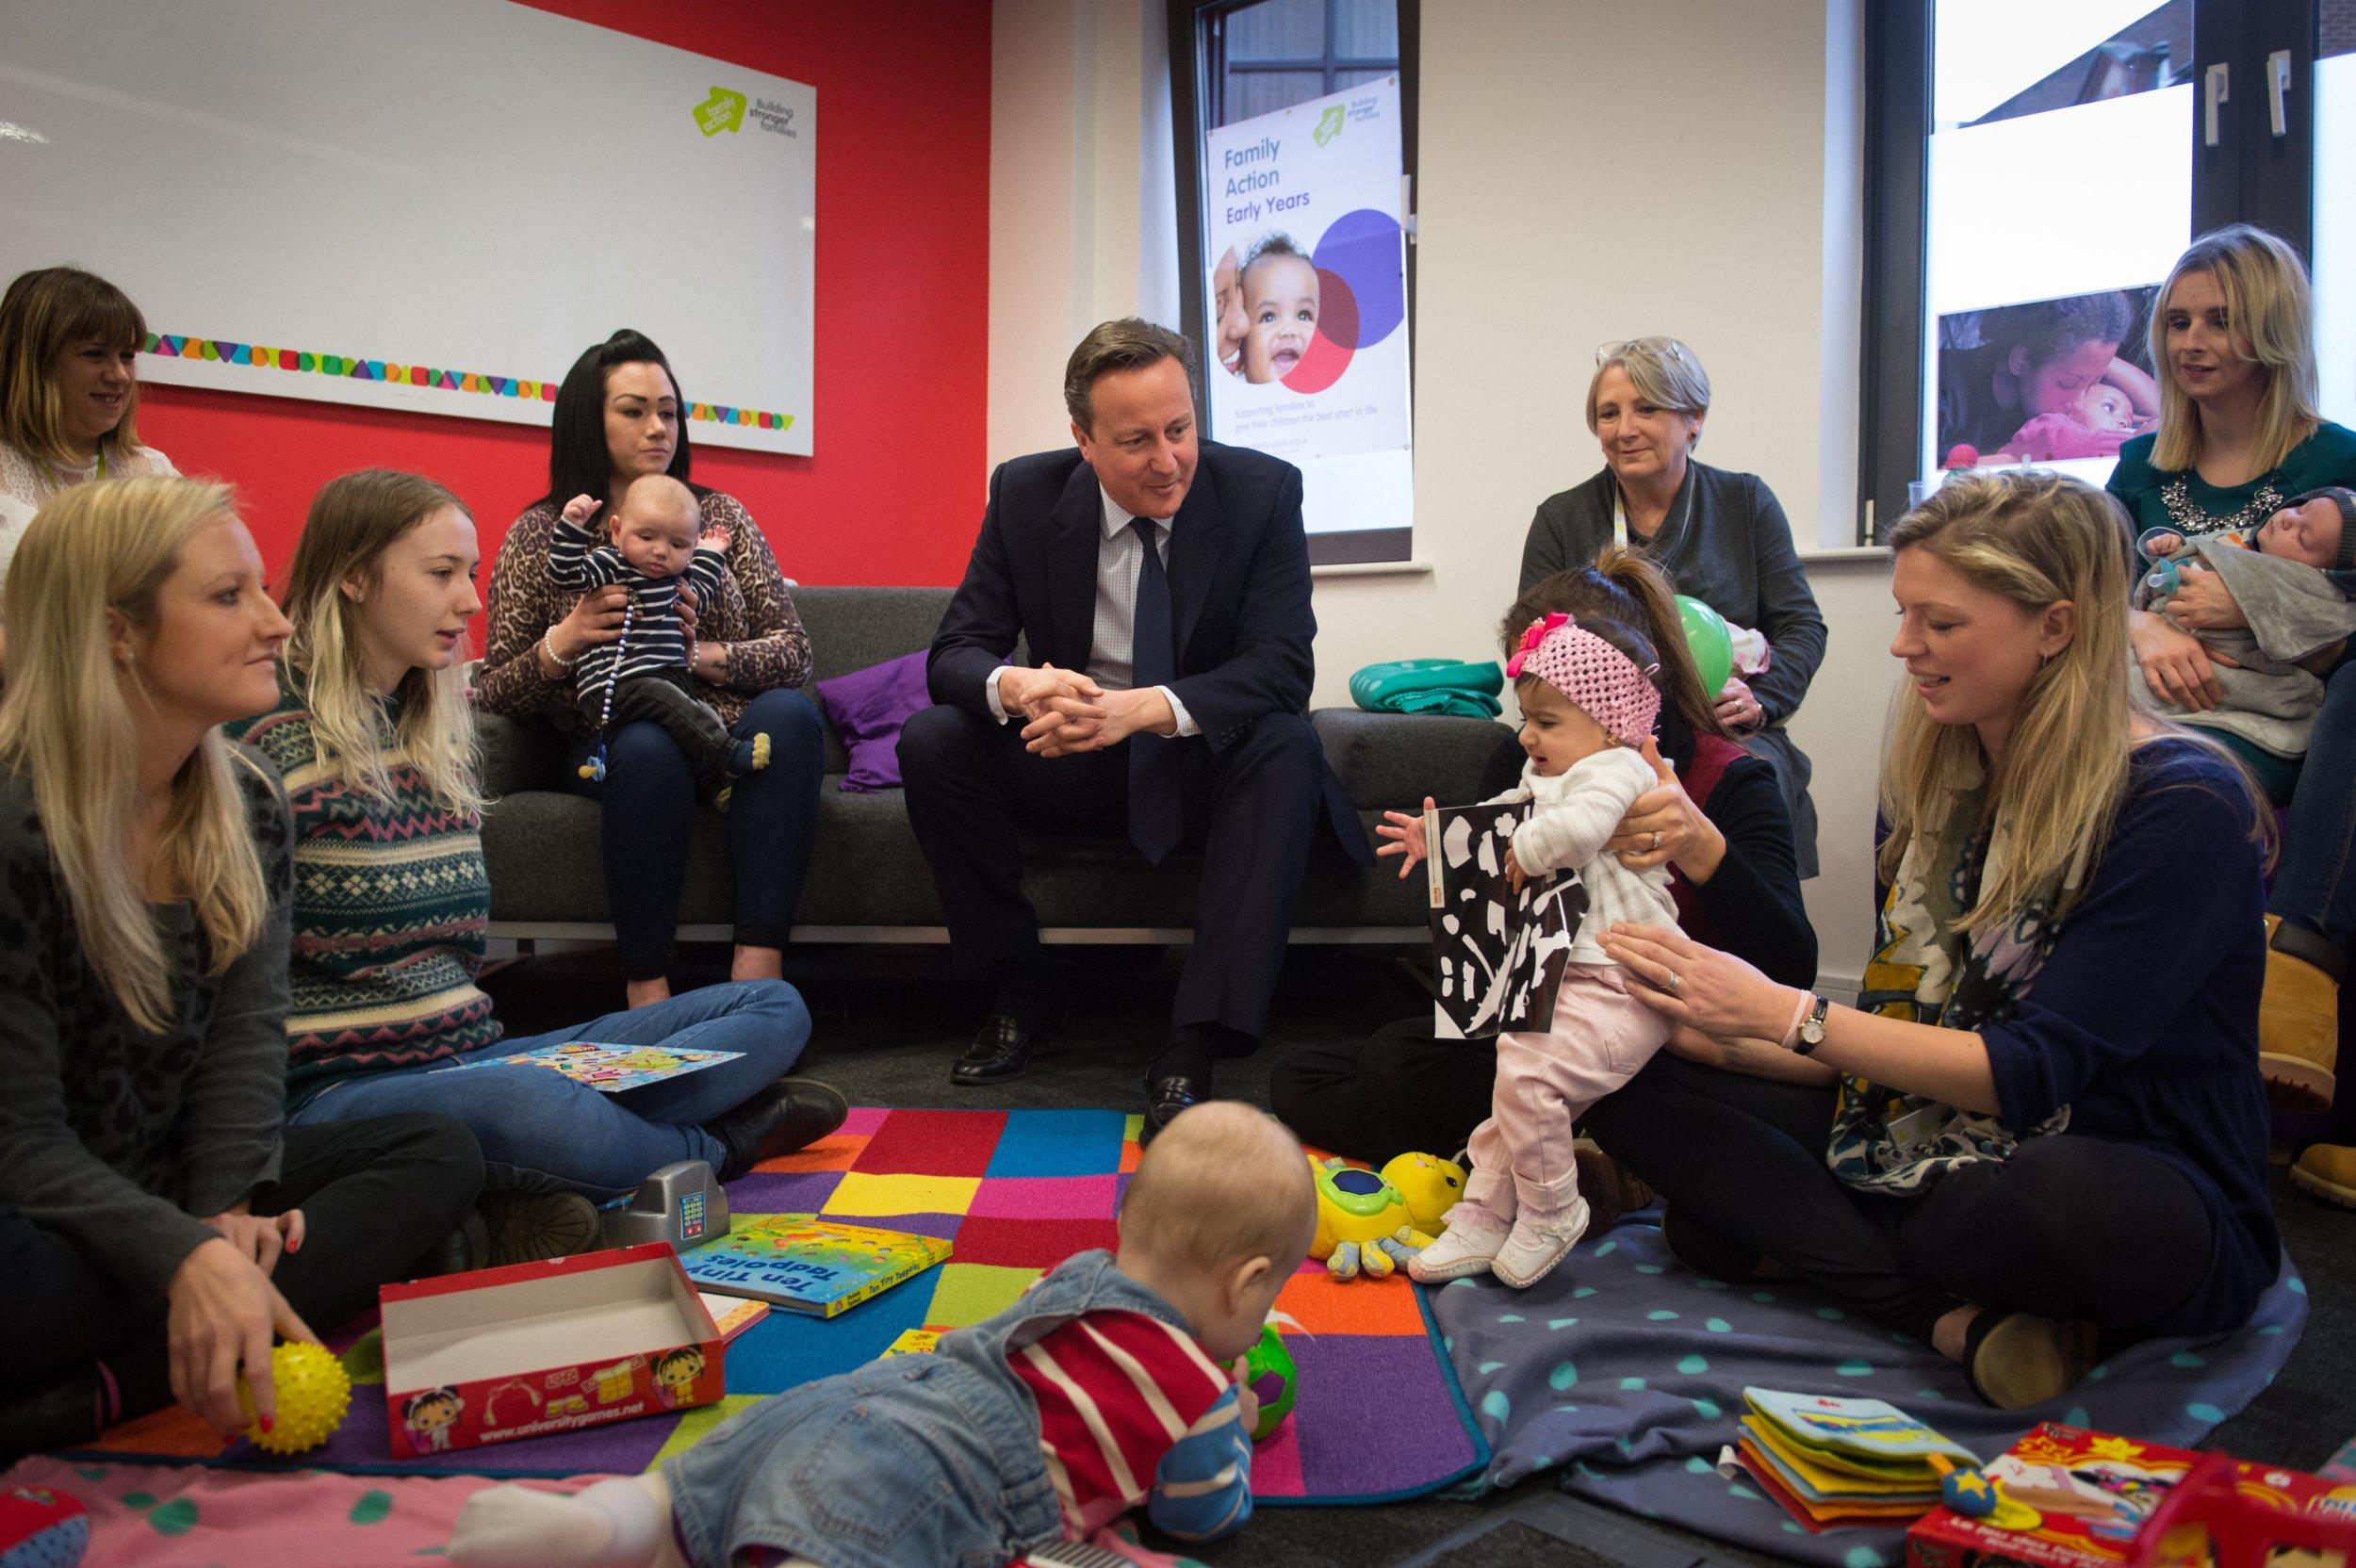 David Cameron at Family Action